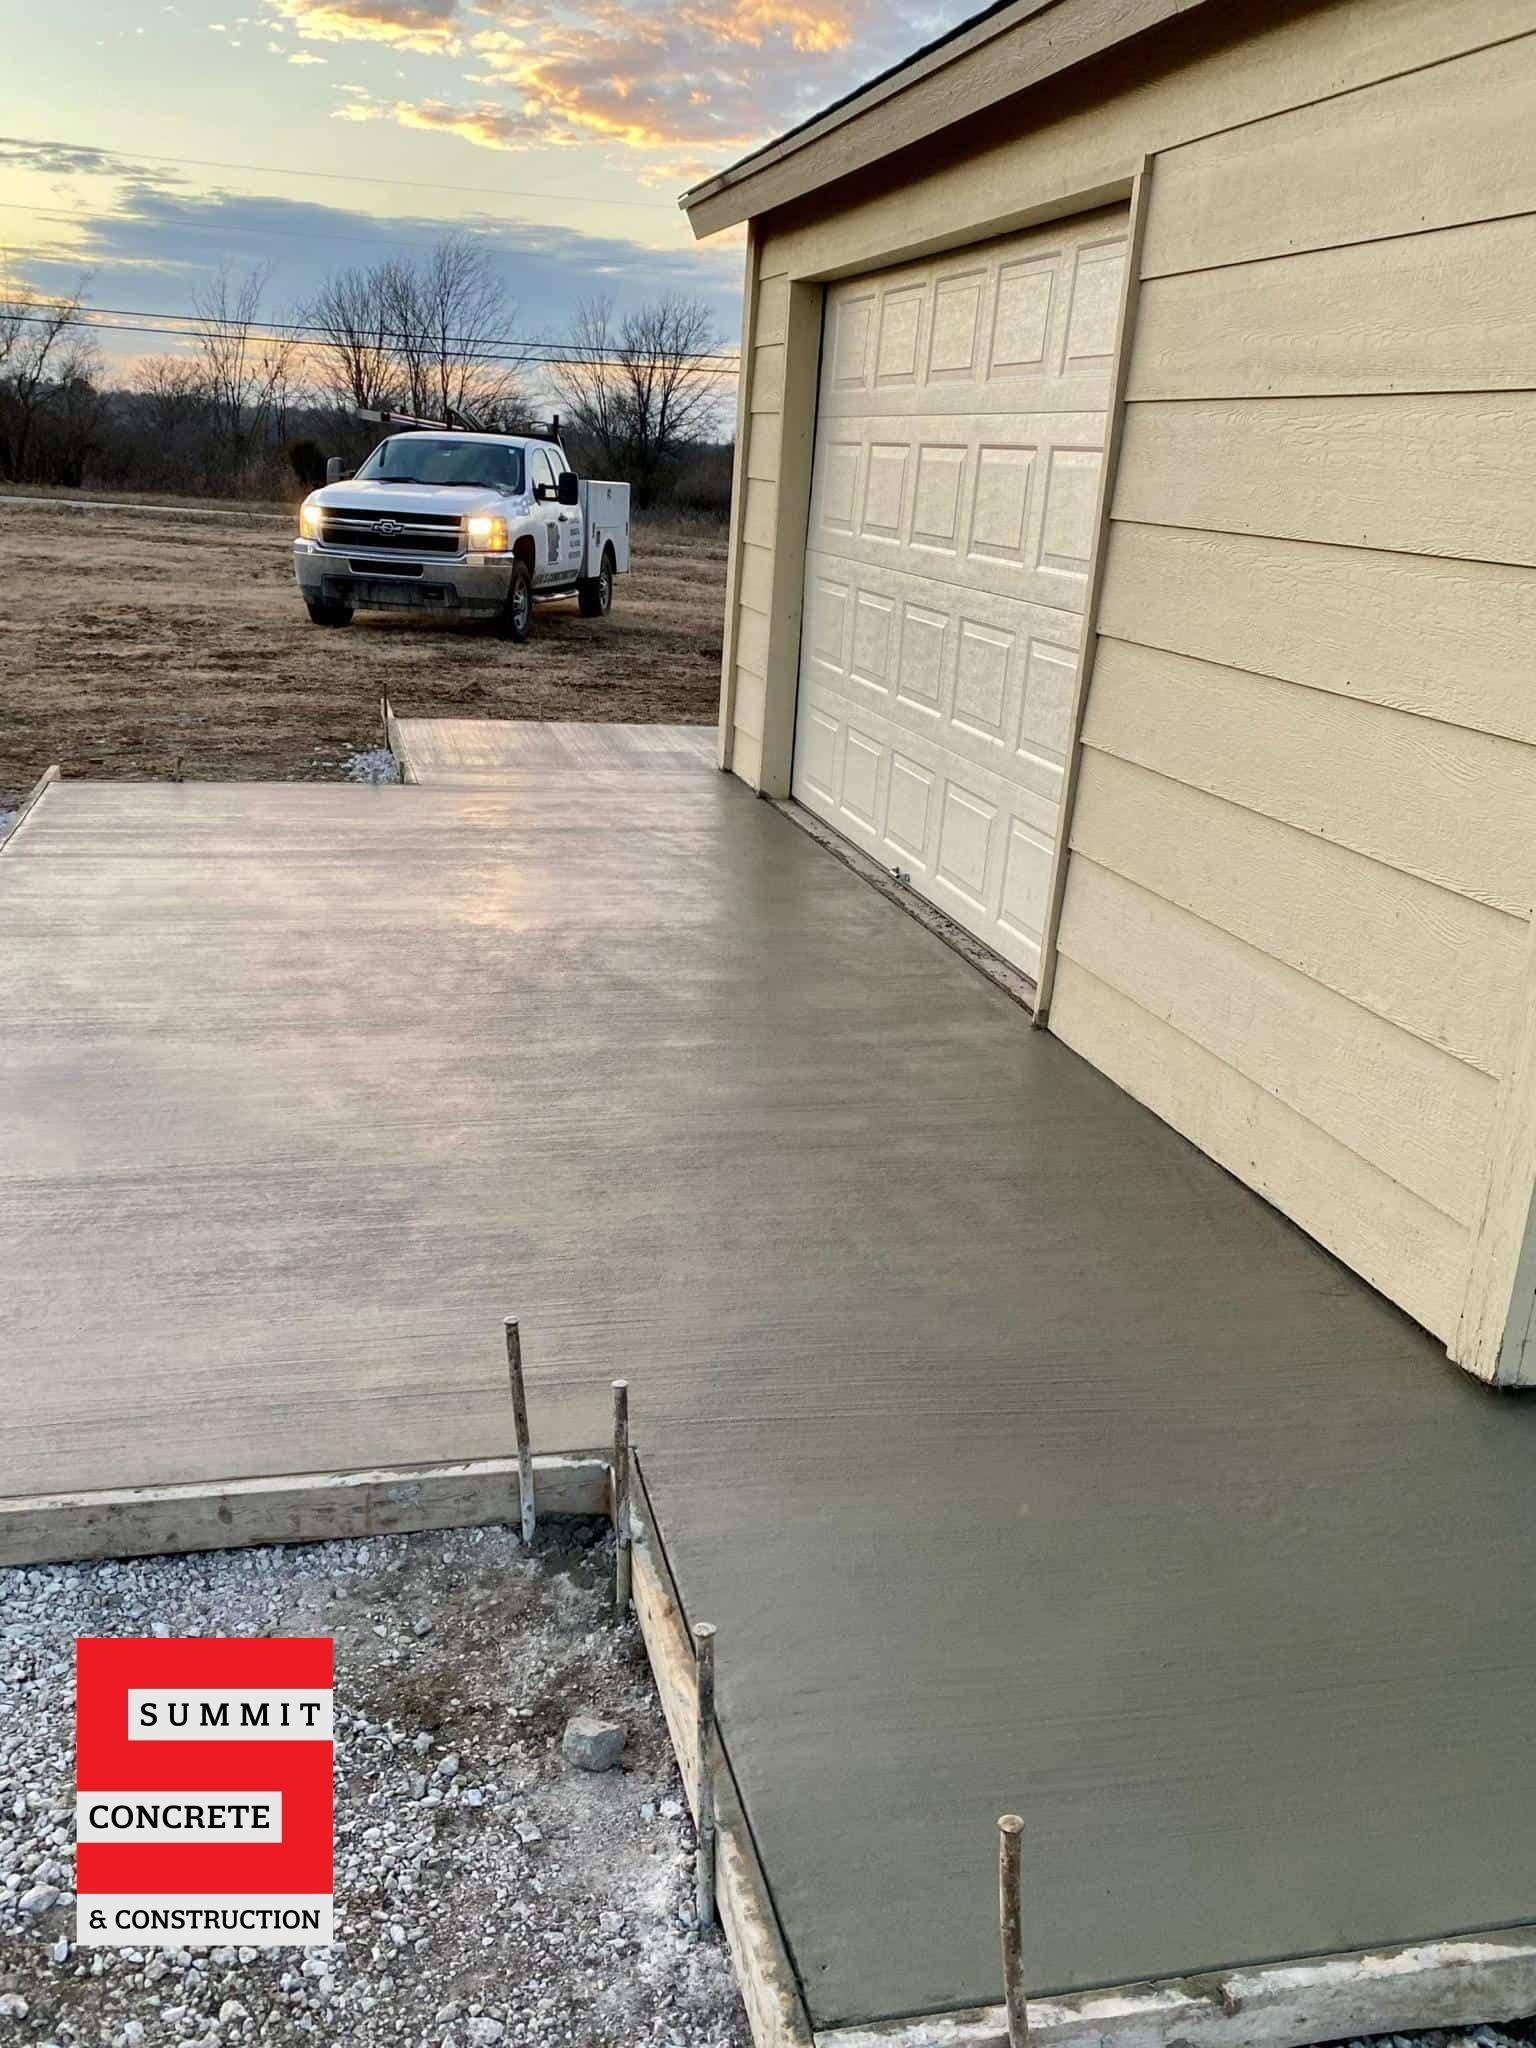 2020 12 28 Tulsa concrete sidewalk IMG 7668 scaled